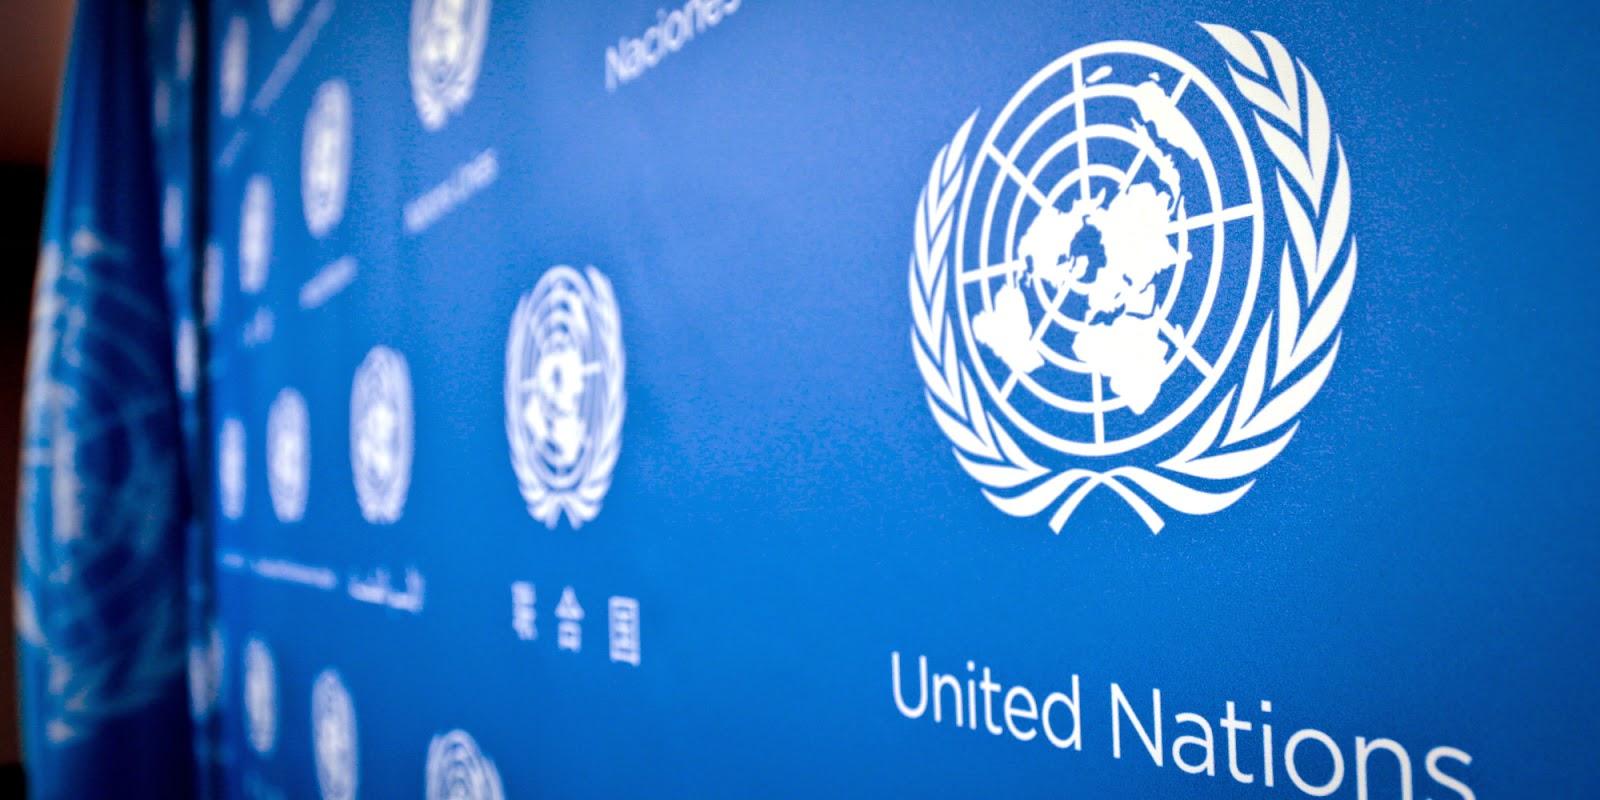 العراق يقدم طلبا رسميا الى الامم المتحدة للمساعدة في اجراء الانتخابات عبر وزارة الخارجية، ويؤشر عددا من الملاحظات فما هي …..؟!